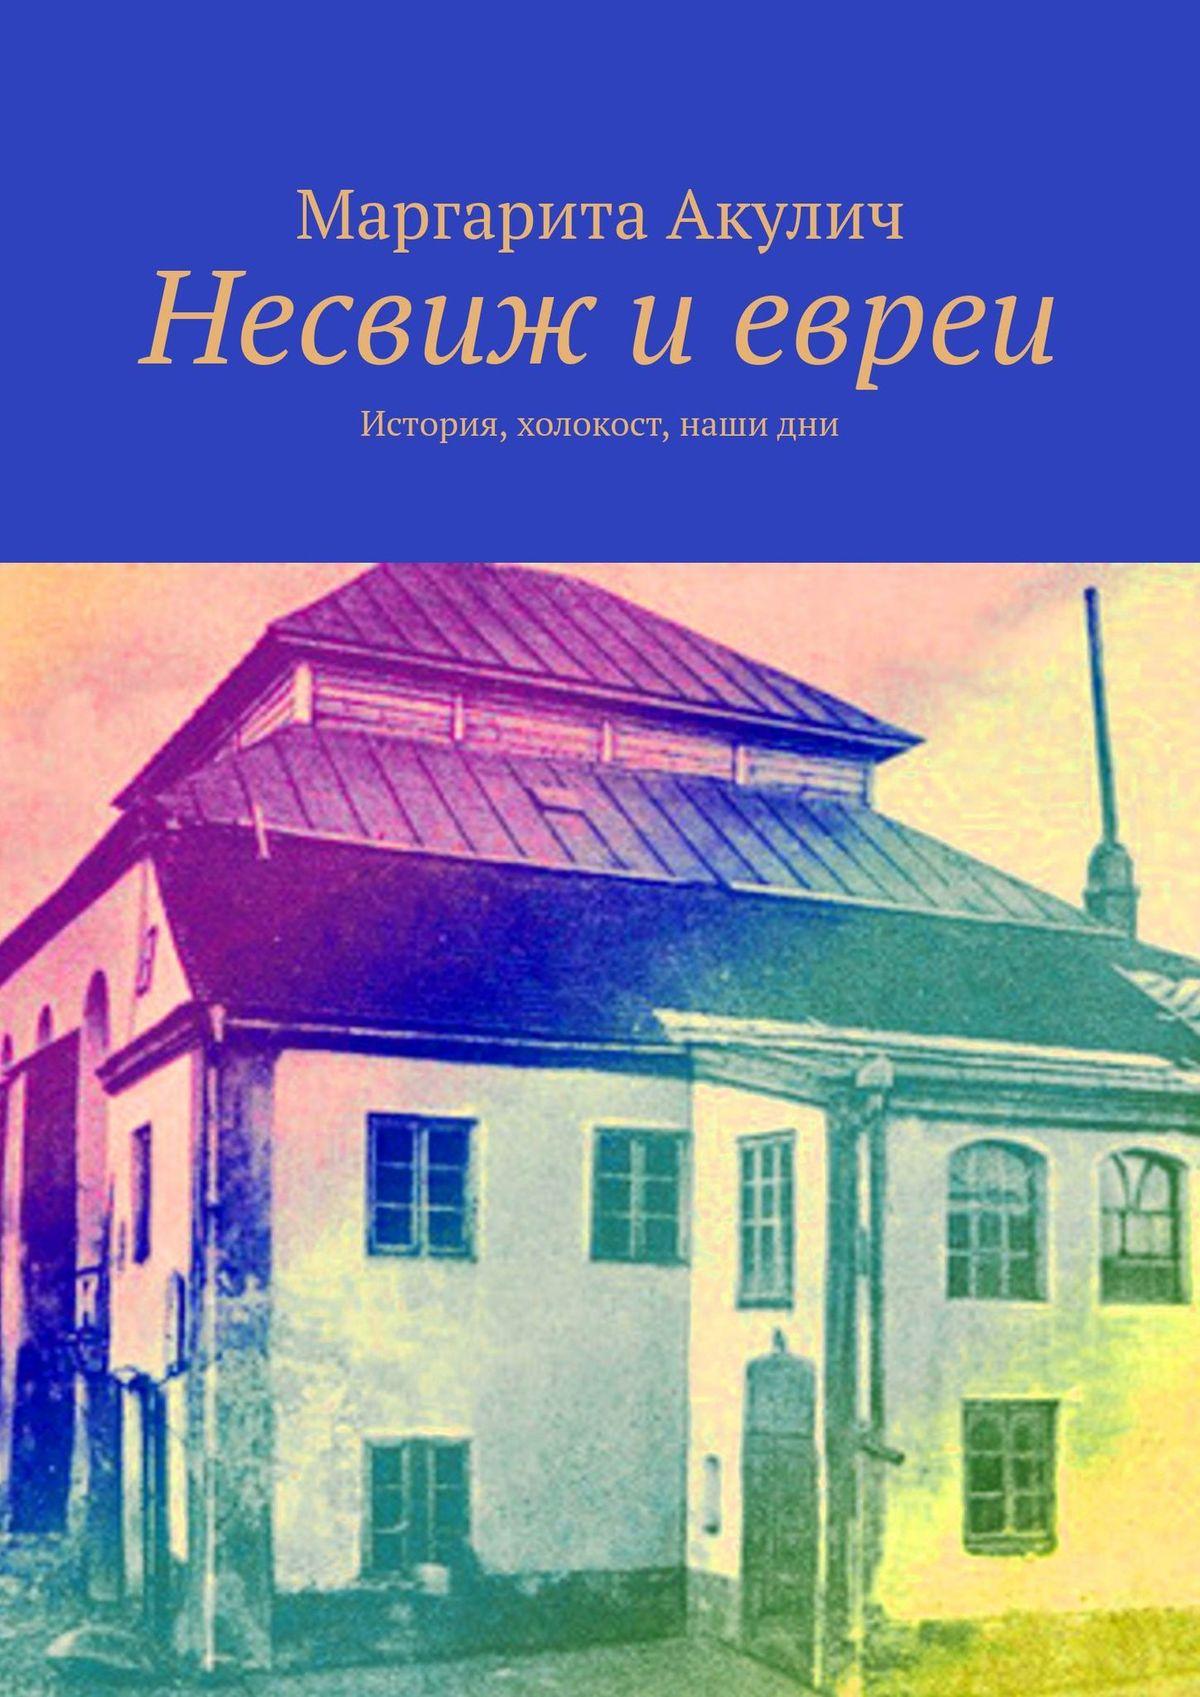 Несвиж иевреи. История, холокост, наши дни